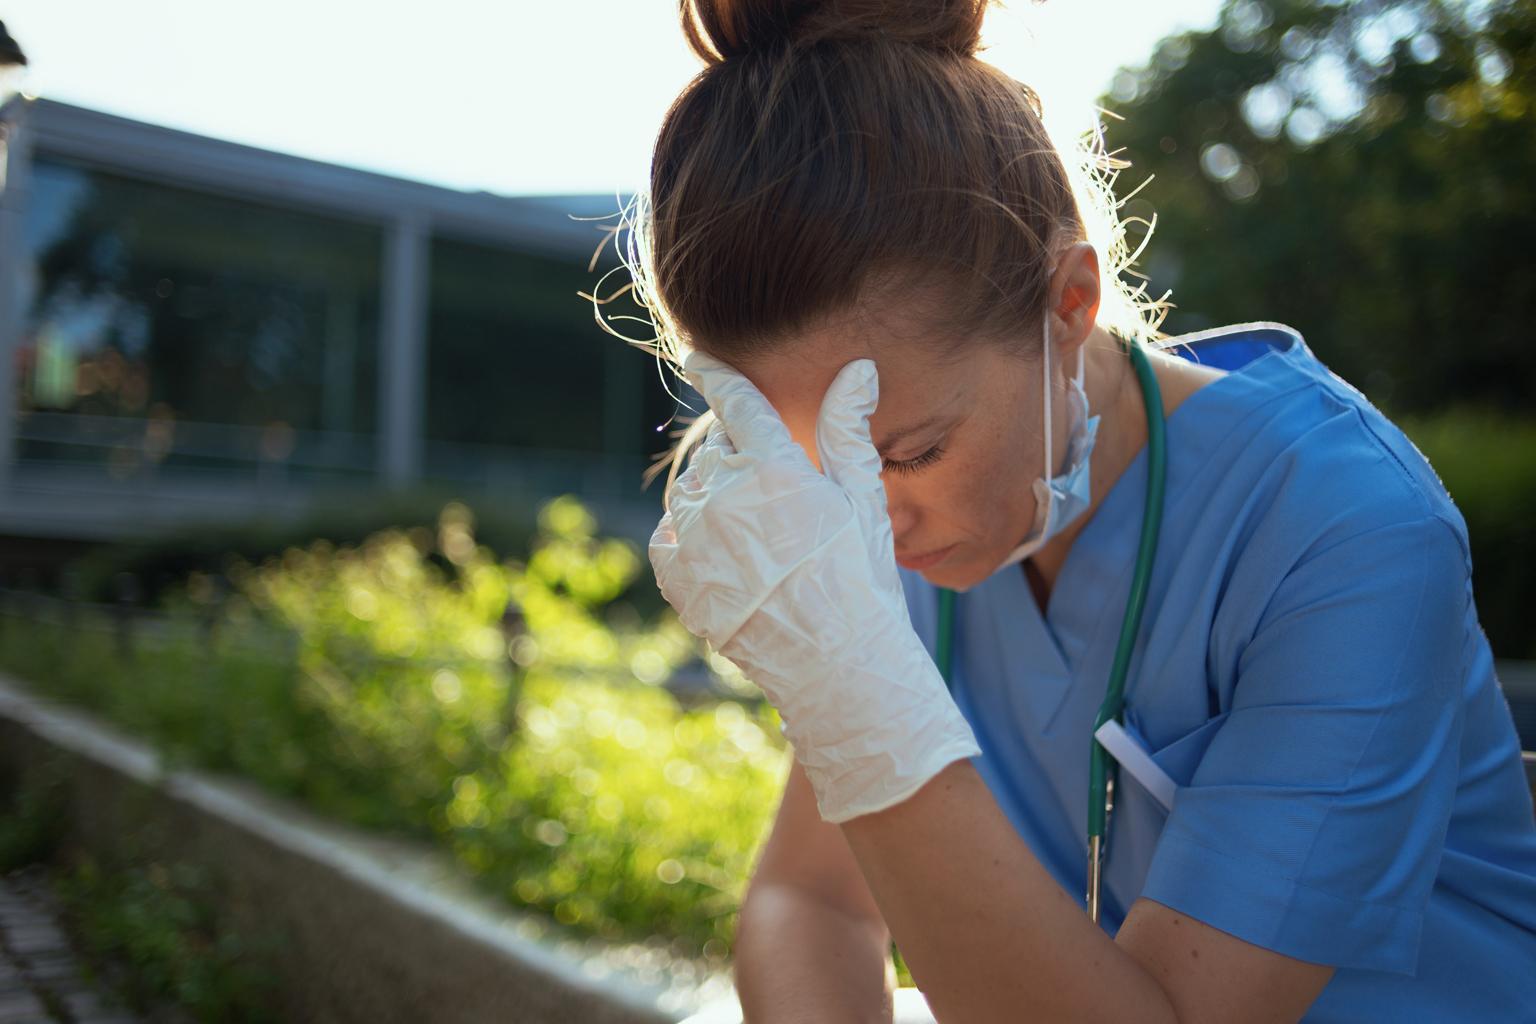 Could alarm fatigue actually start in nursing school?